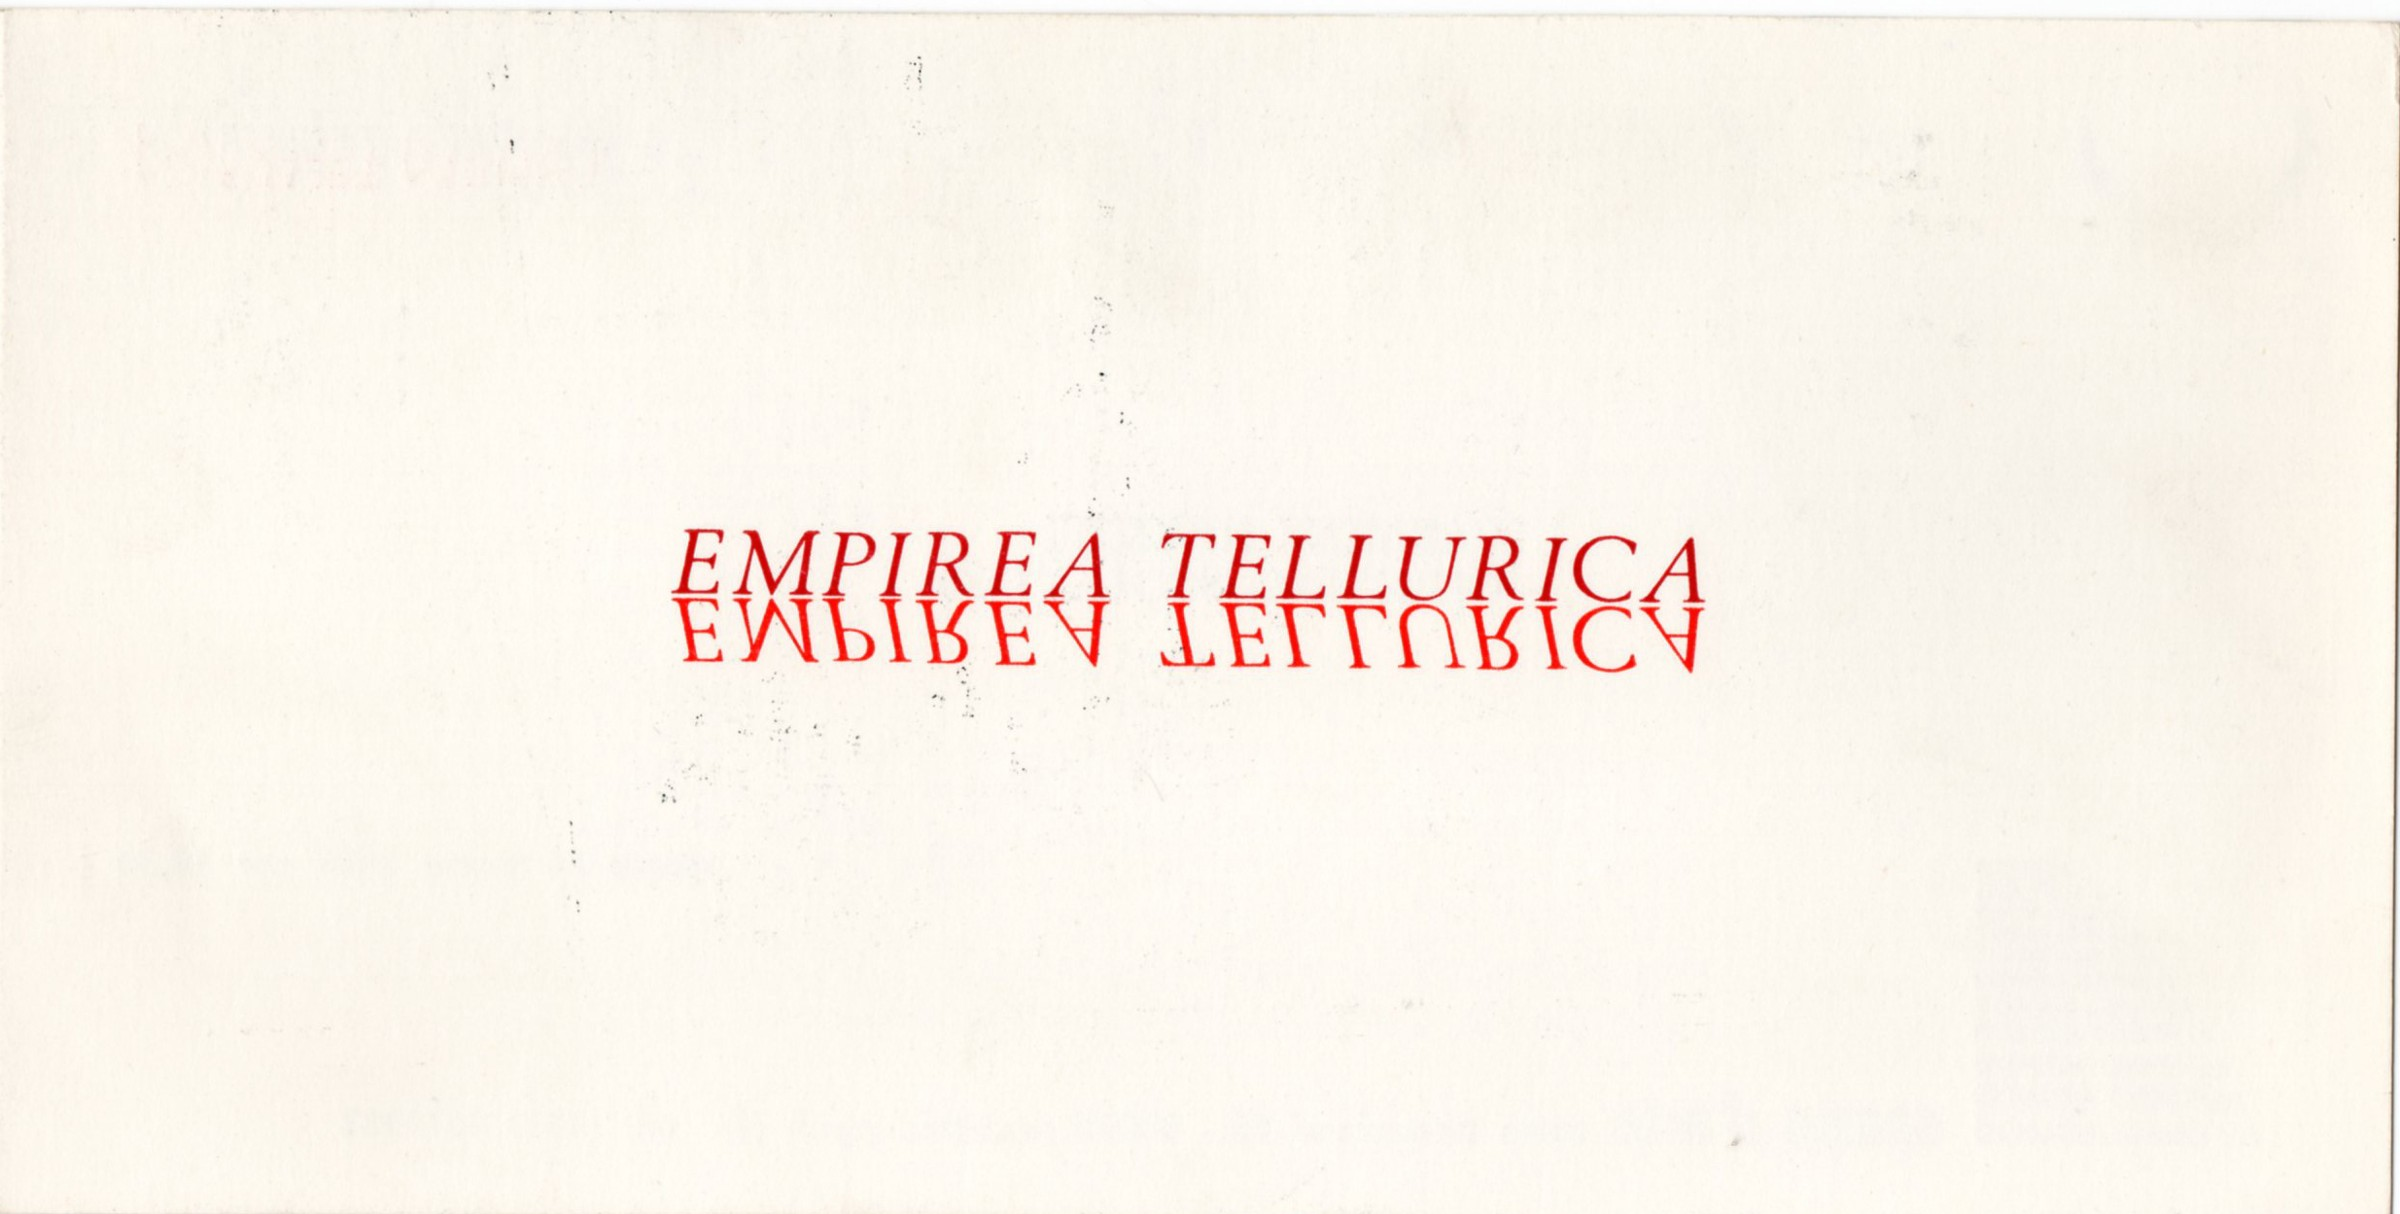 Empirea Tellurica